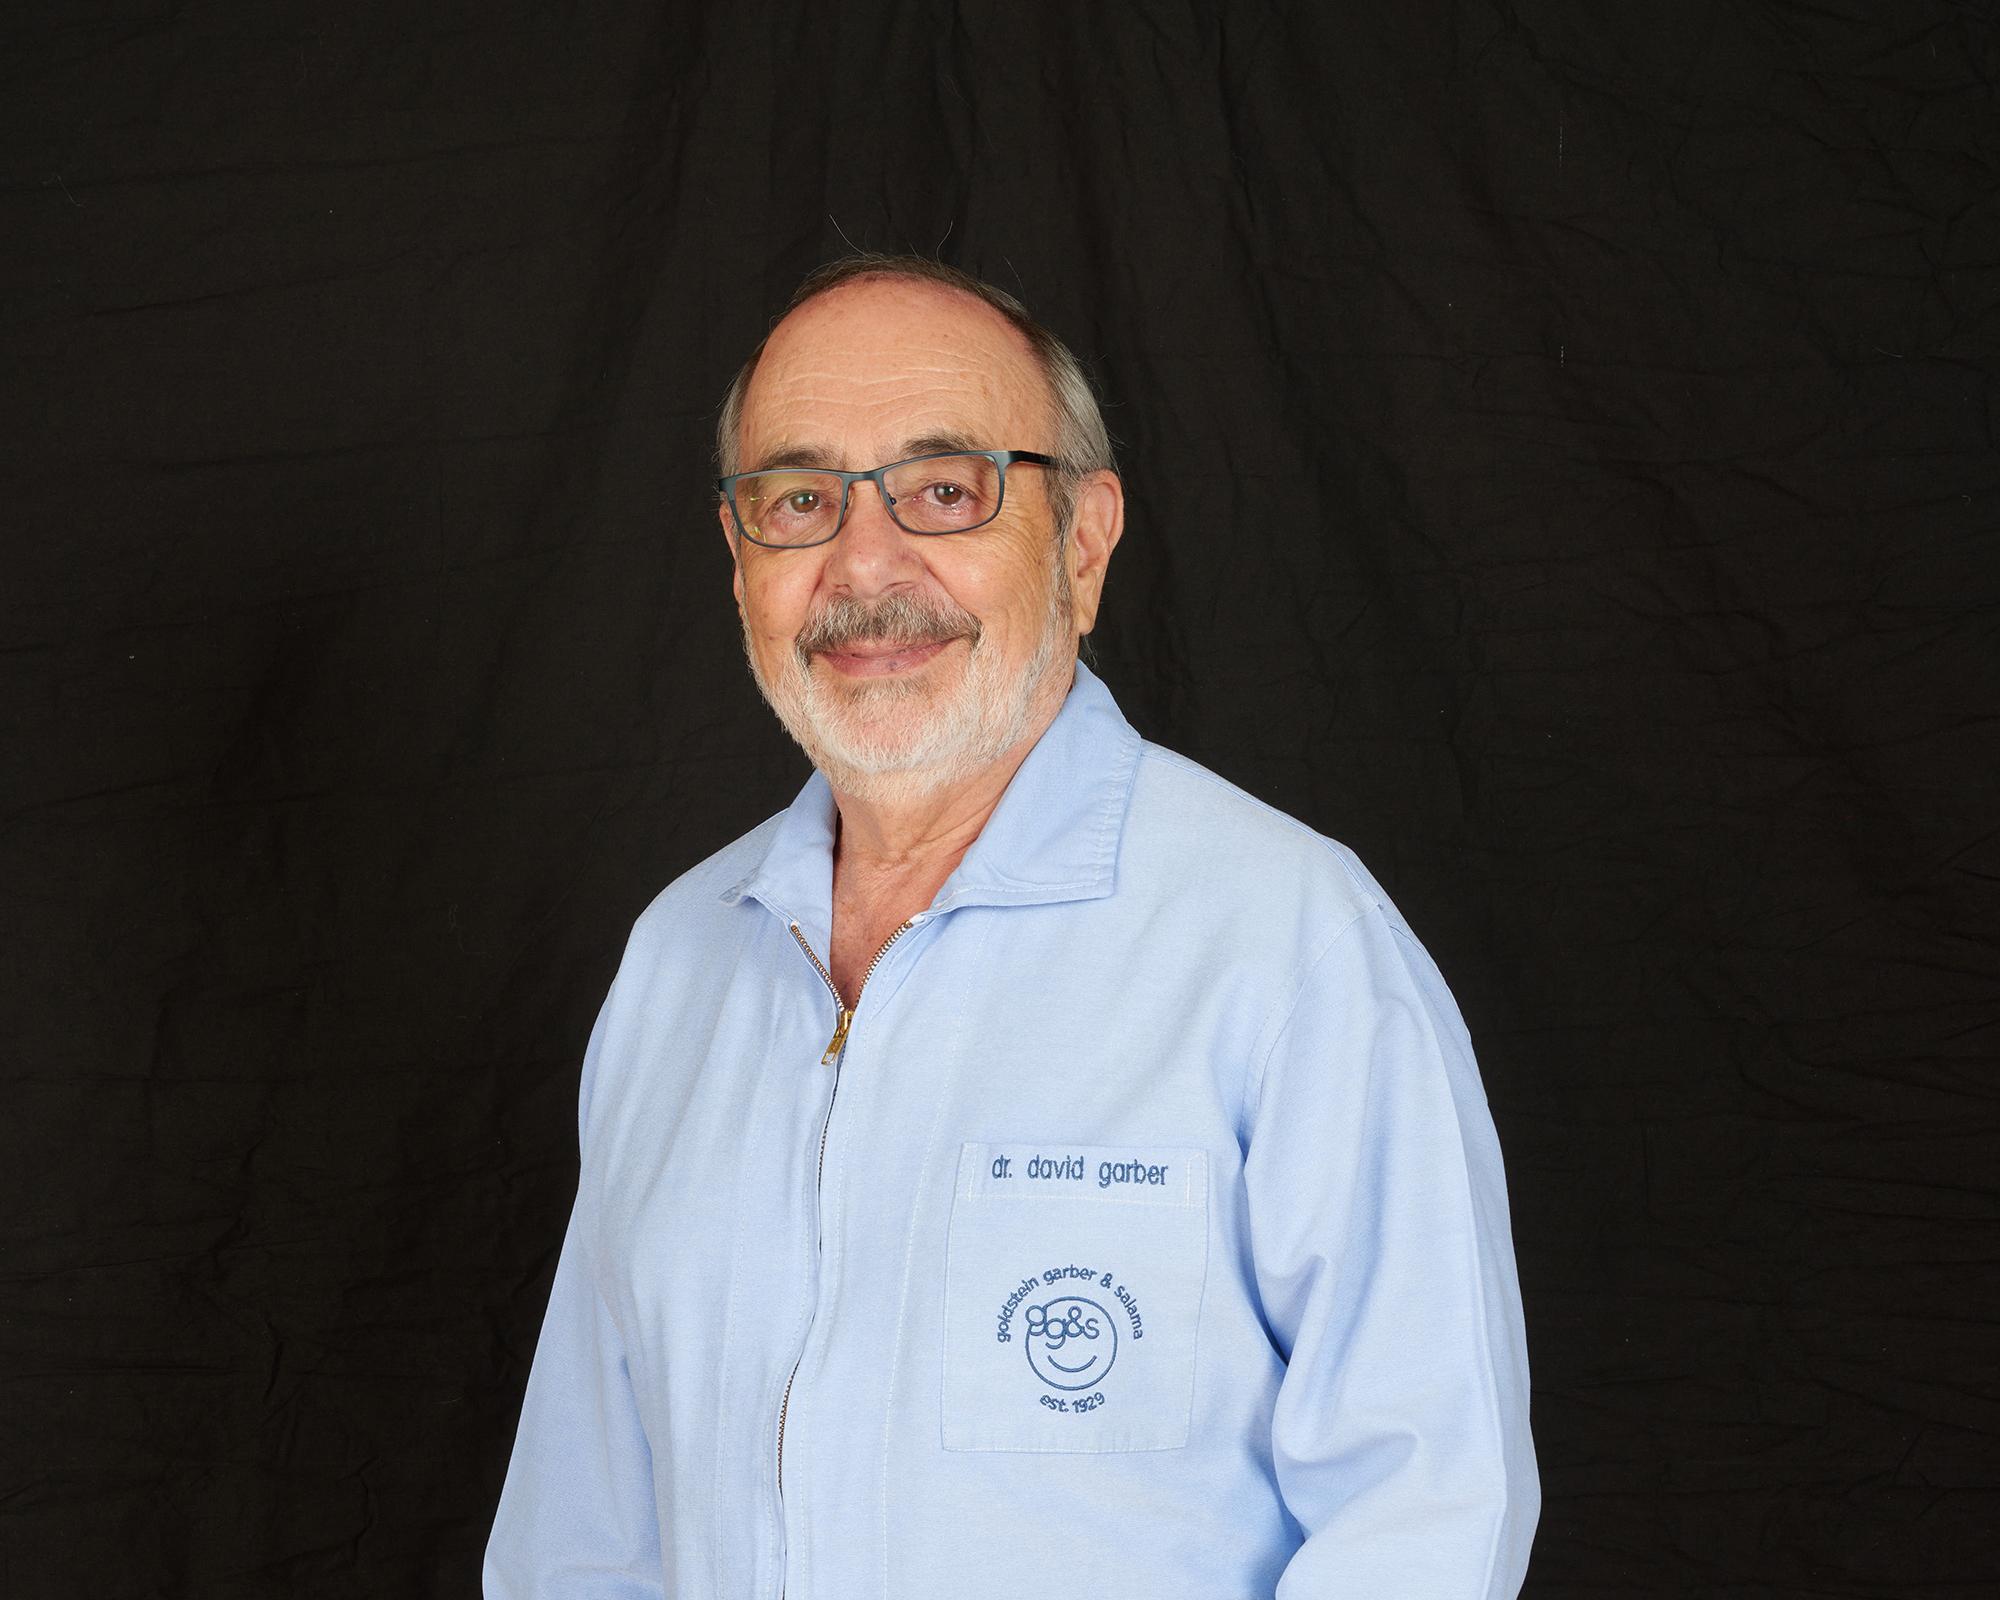 Dr. David Garber